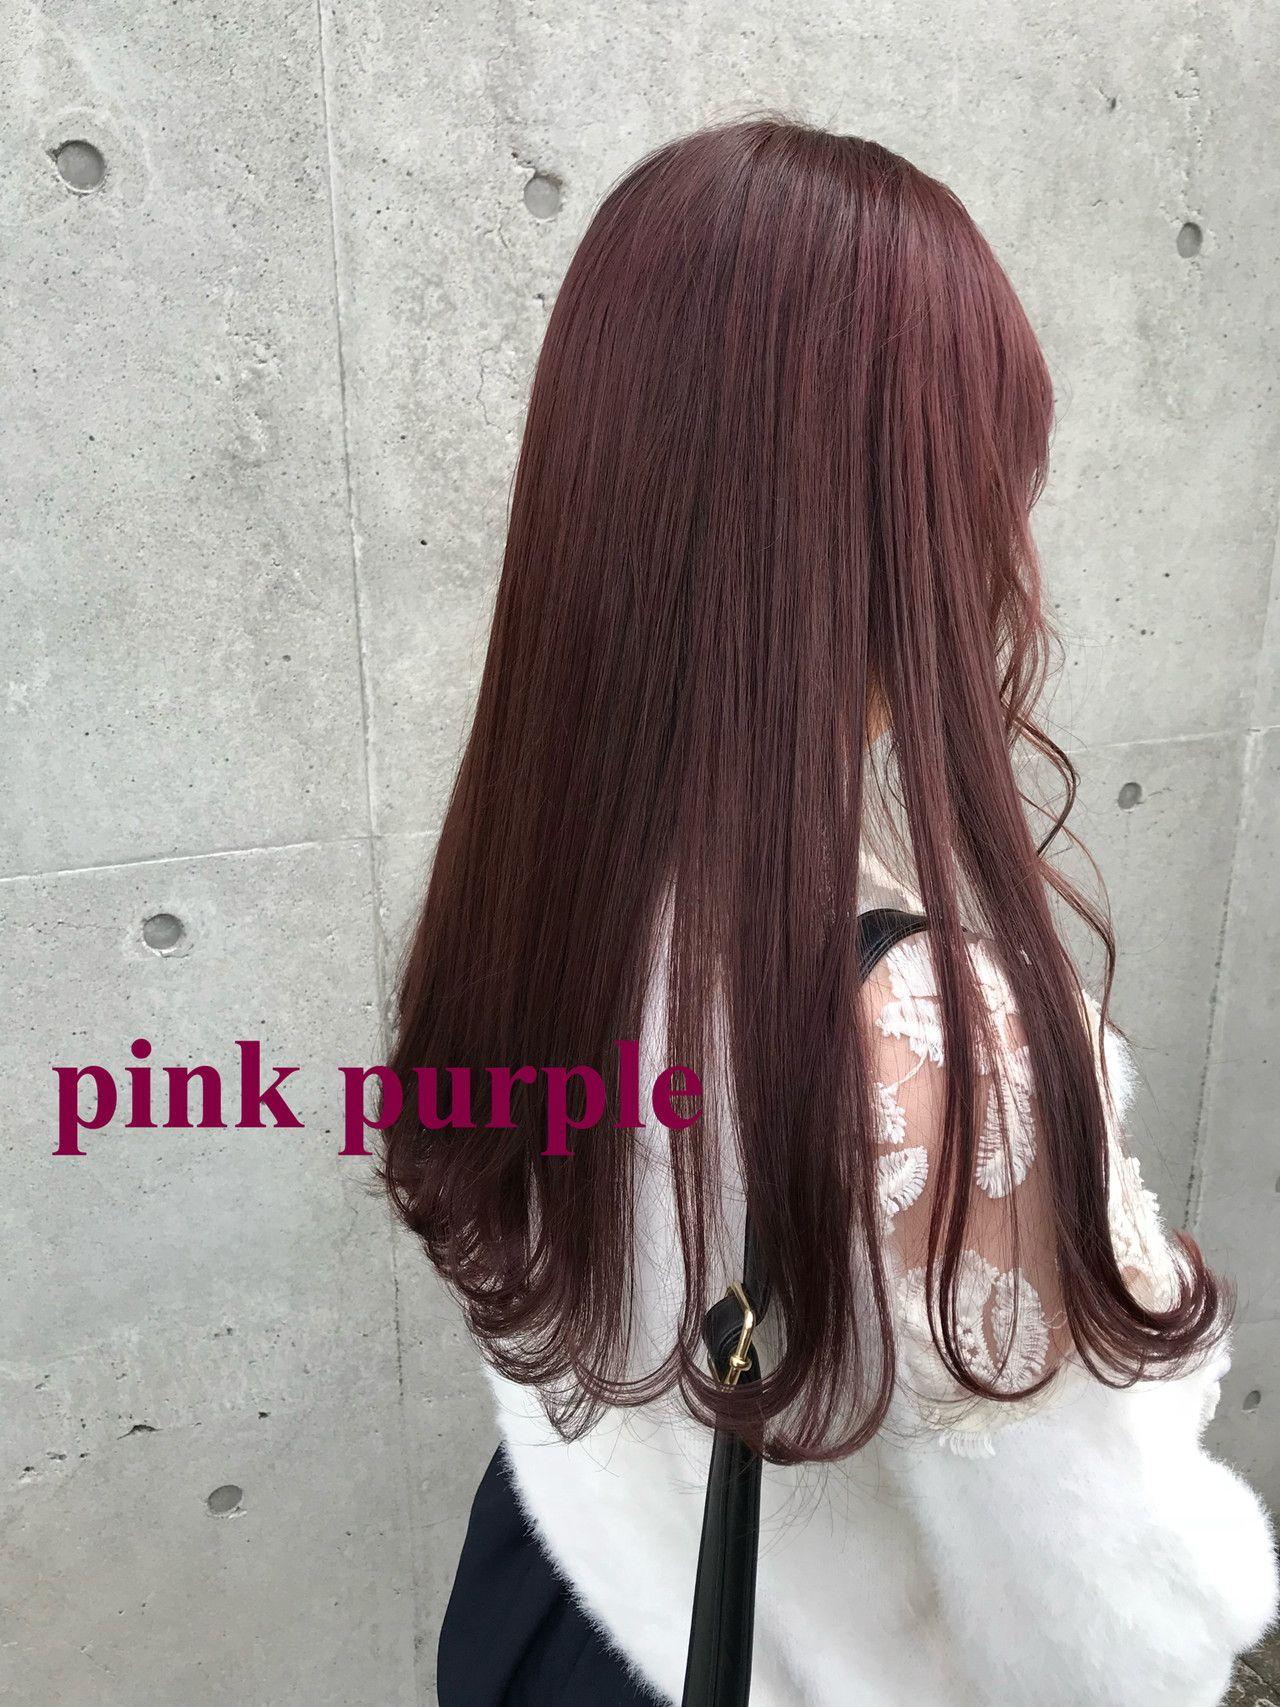 ピンク パープル クールなヘアスタイル ヘアスタイル ロング